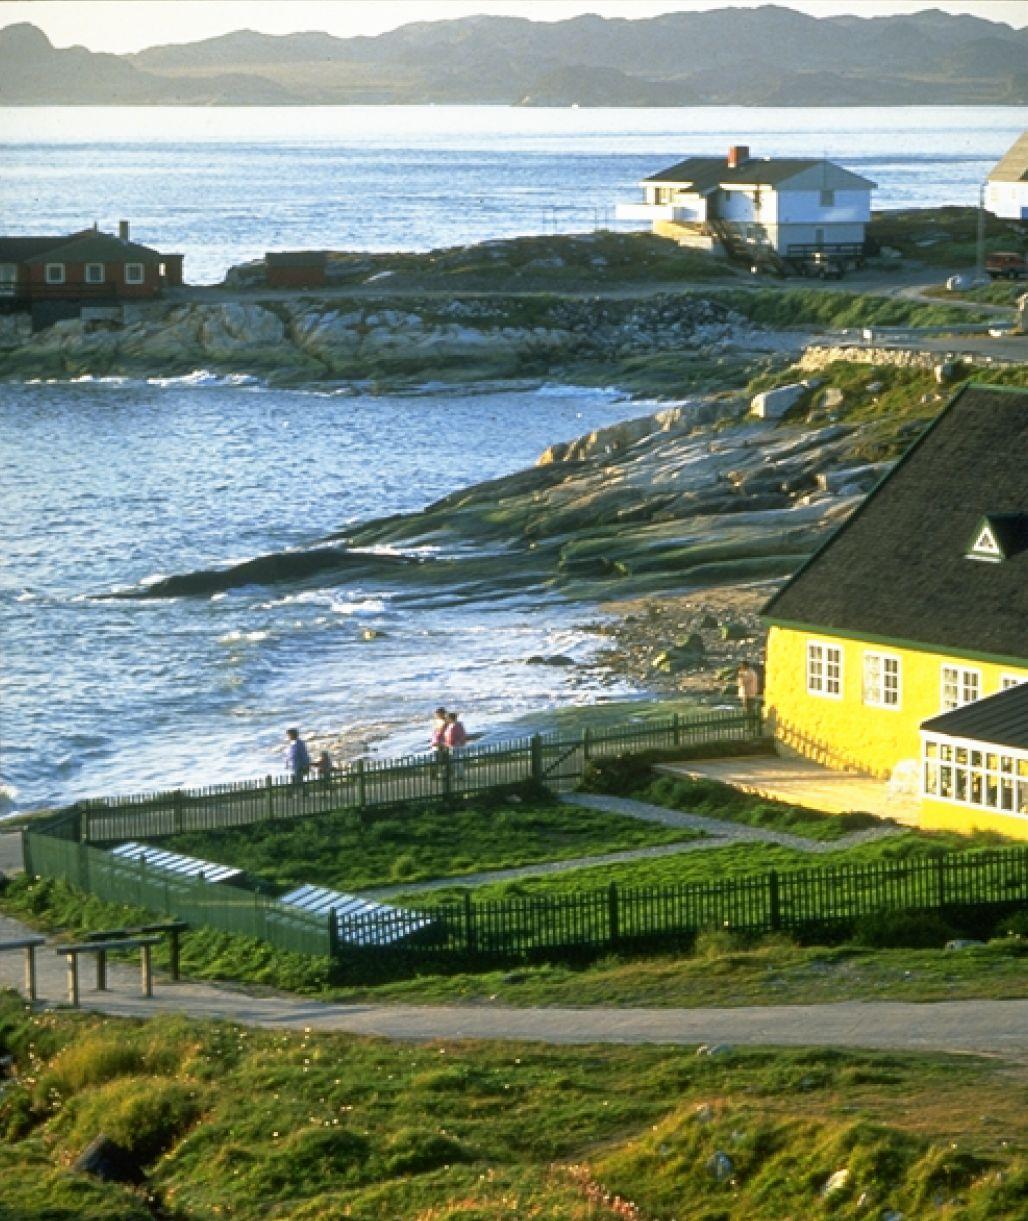 Будинок засновника Нуука Ганса Егеде, побудований в 1728 р. Фото: Greenland Tourism